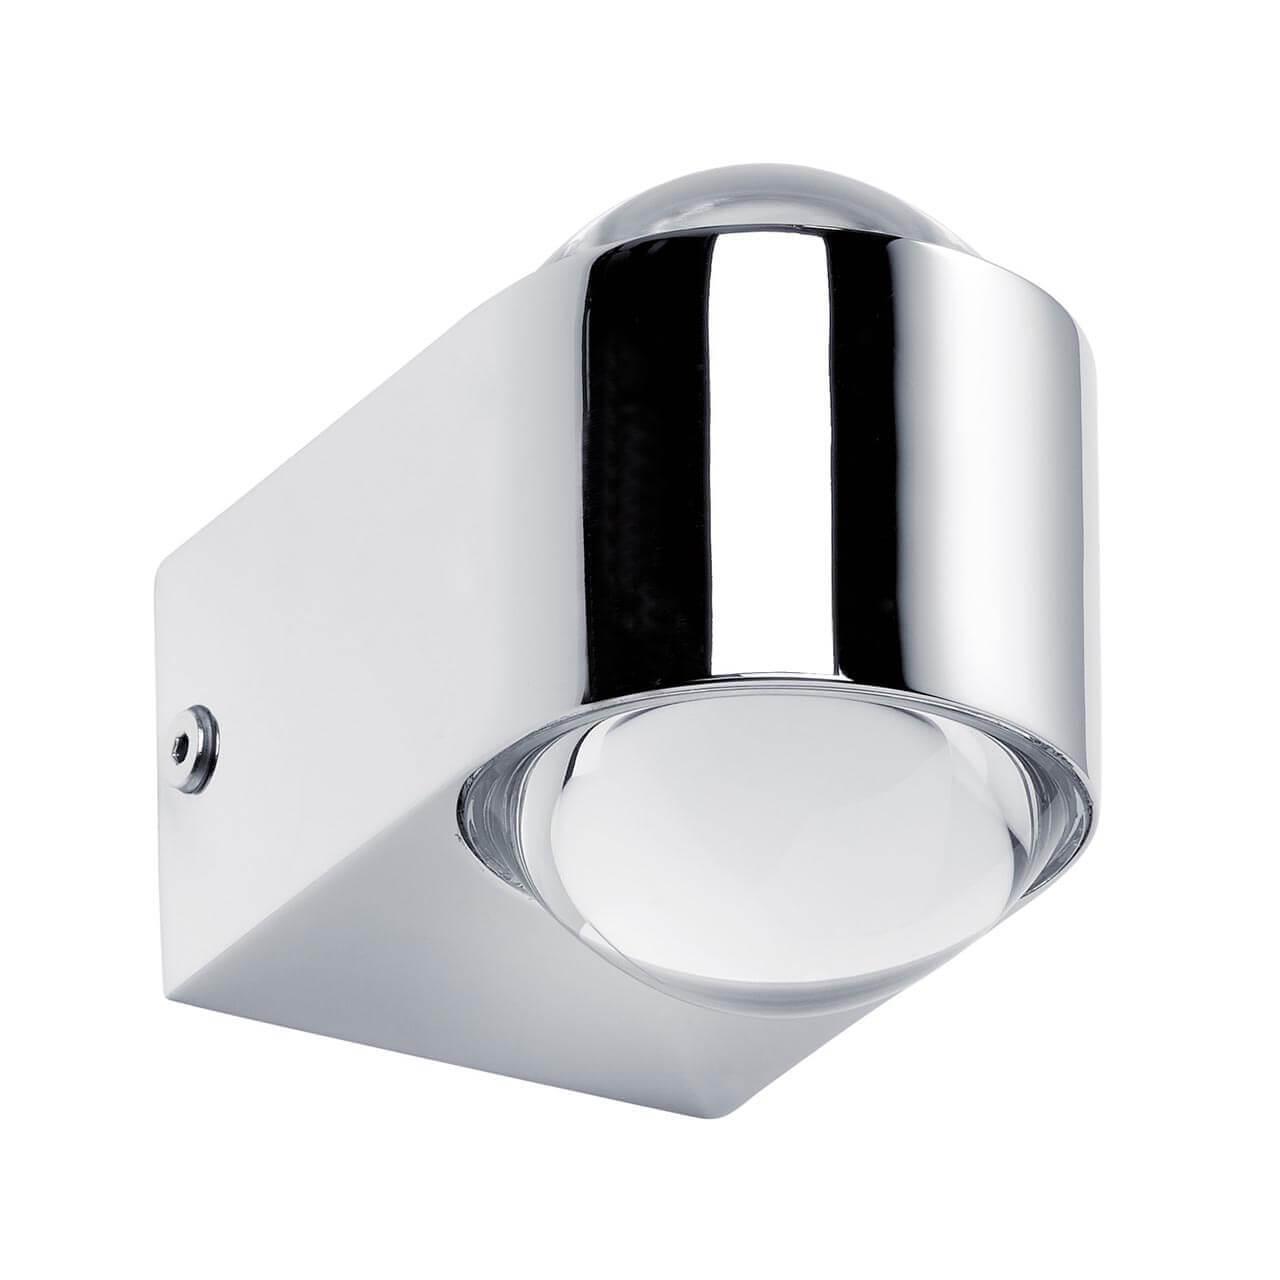 Подсветка для зеркал Paulmann Capella 70495 подсветка для зеркал paulmann assistant gesa 99695